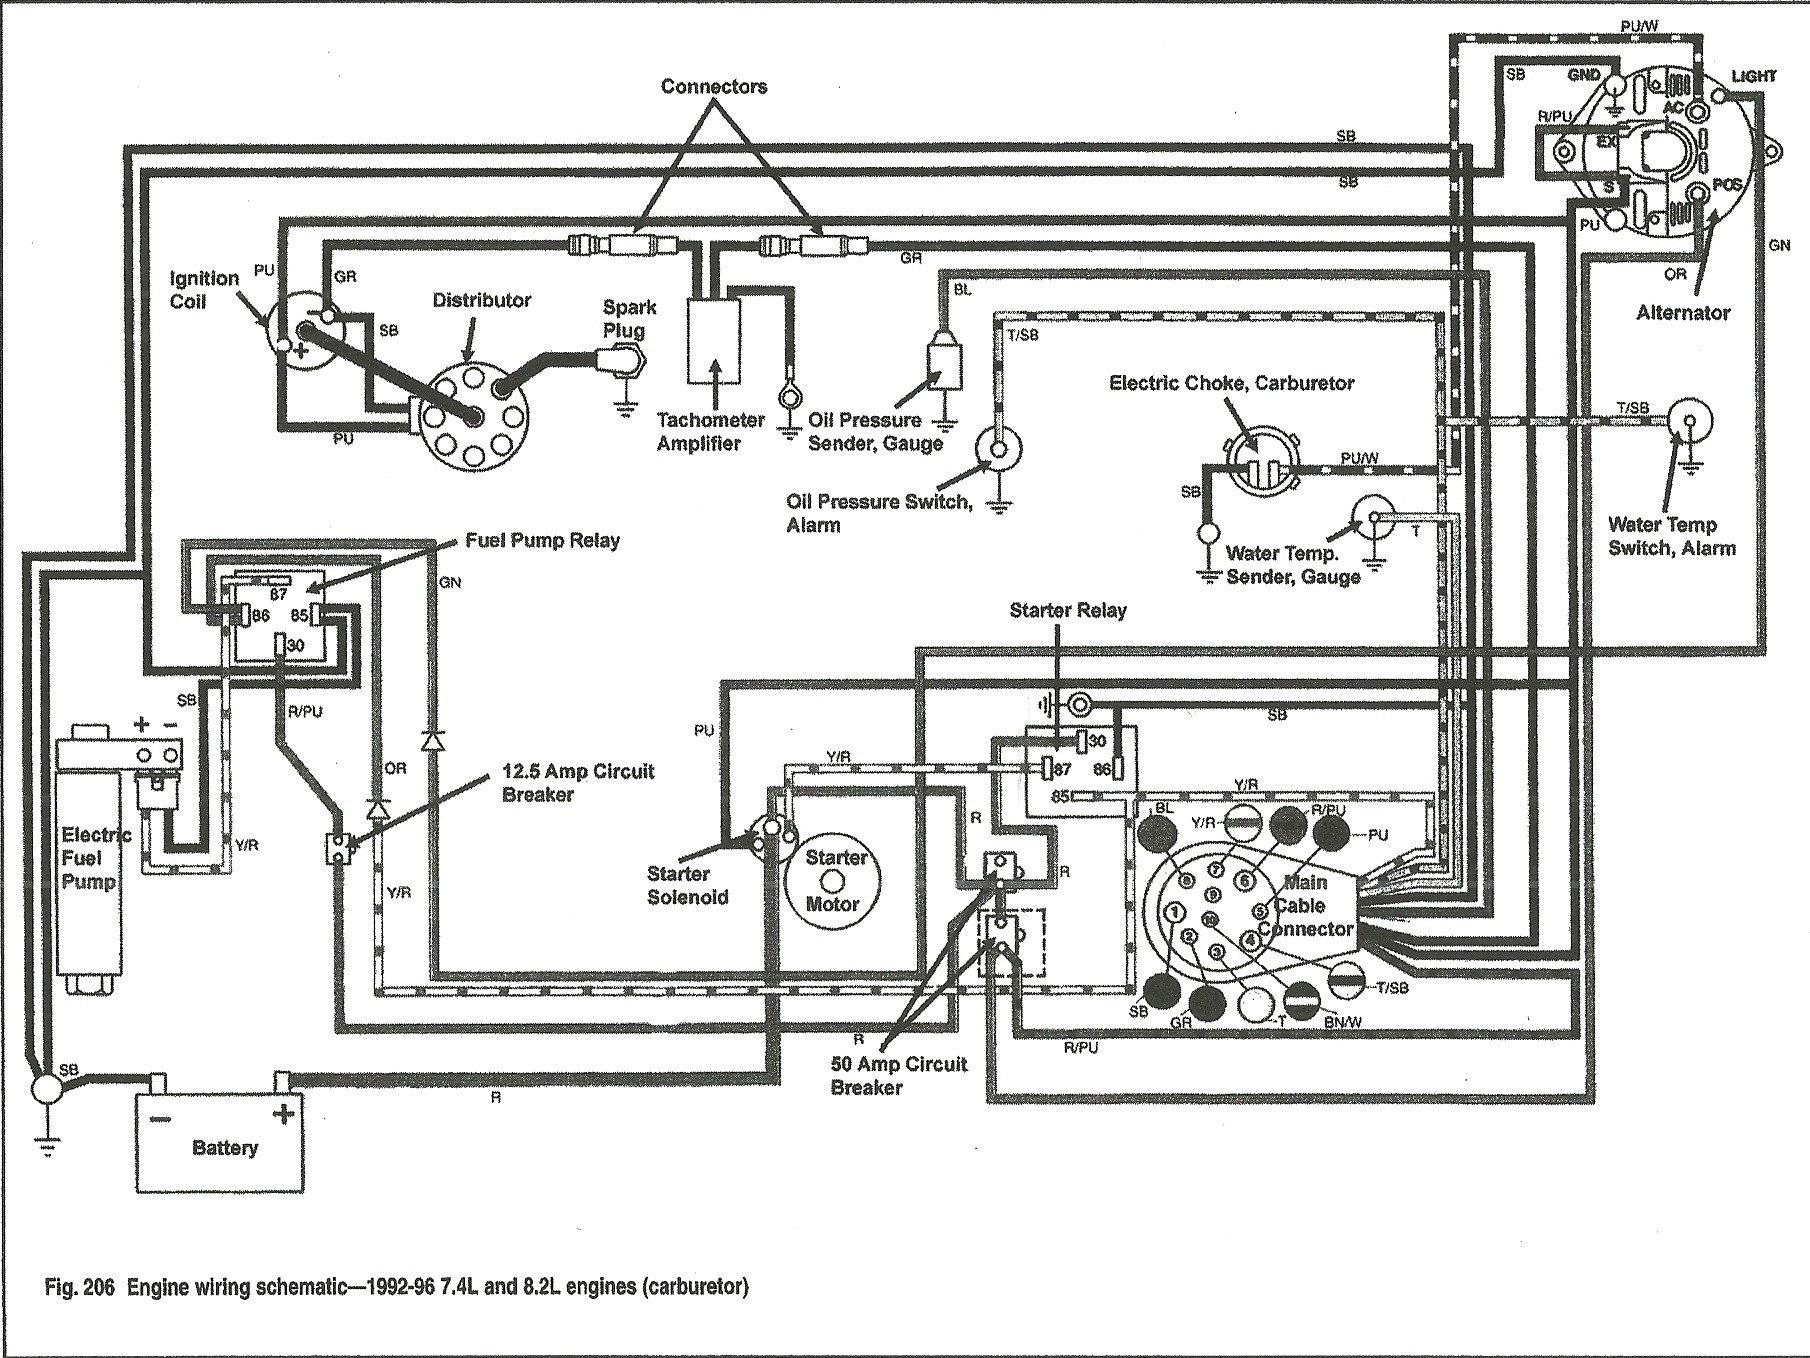 Volvo Penta Fuel Pump Wiring Diagram 4 3 Relays Part No